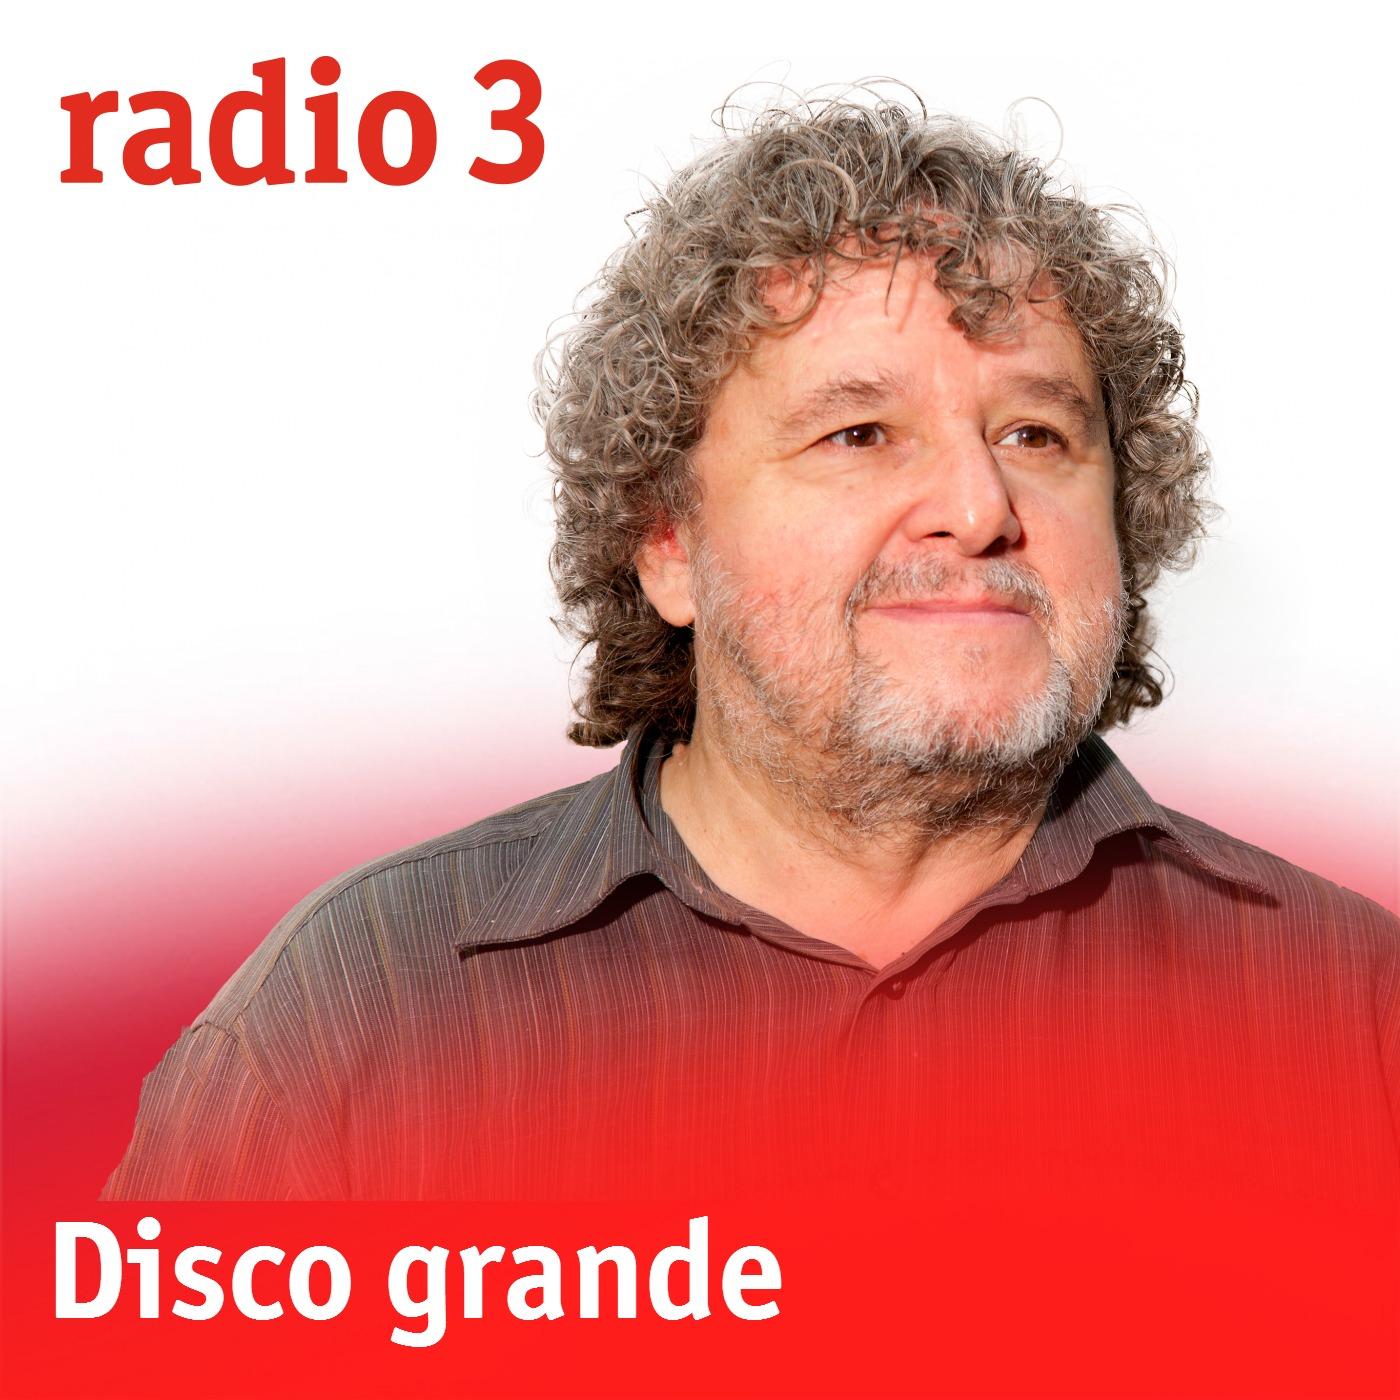 Disco grande - La elegancia de Charles Lavaigne contra el mal de ojo - 14/10/19